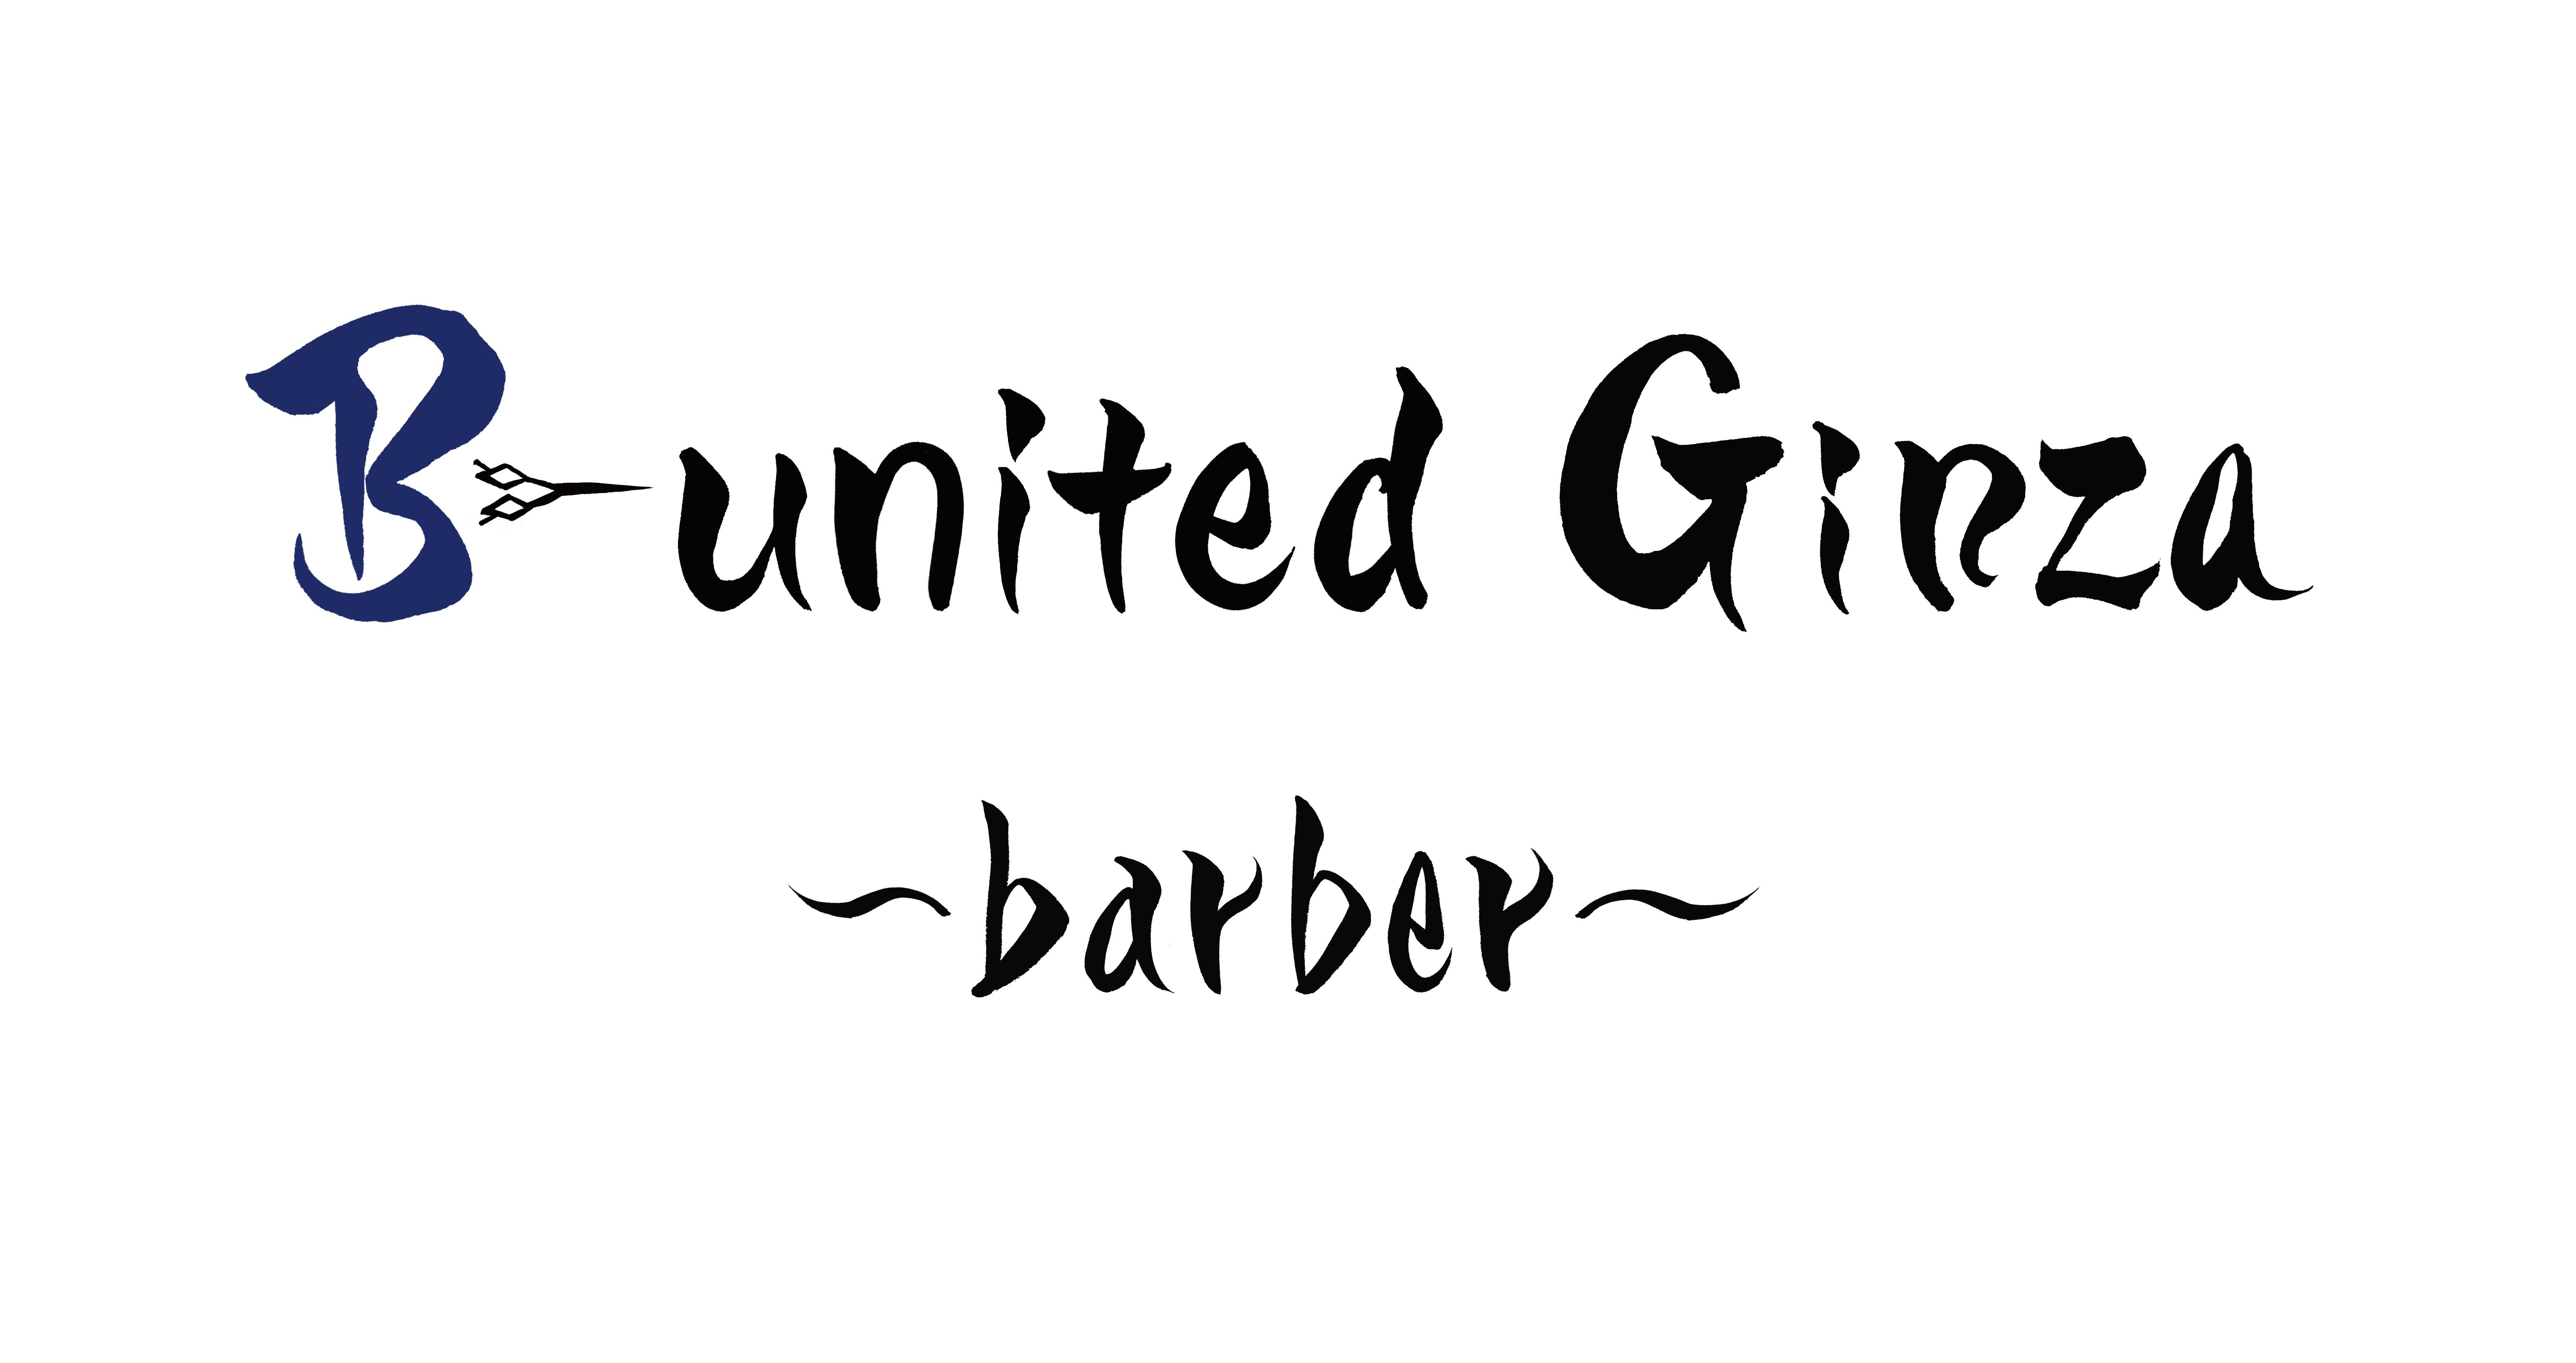 B-united Ginza